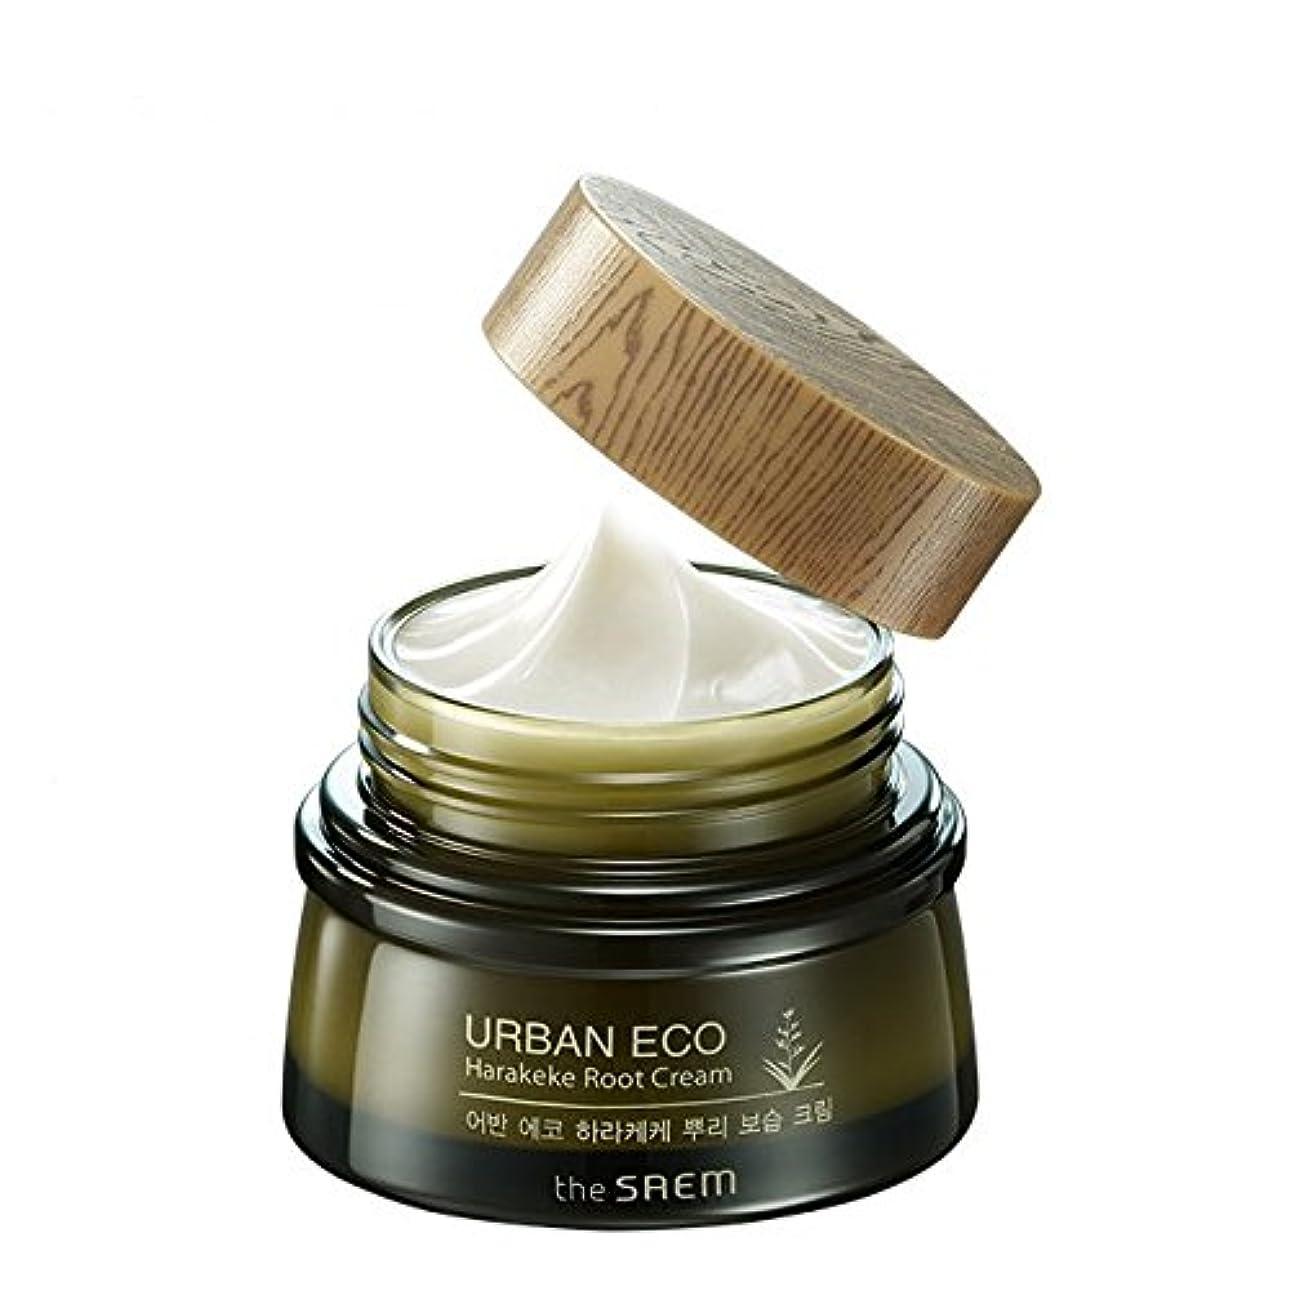 見出しメッセージ挑む[ザセム] The Saem [アーバンエコ ハラケケ 根保湿クリーム60ml (The Saem Urban Eco Harakeke Root Cream60ml)